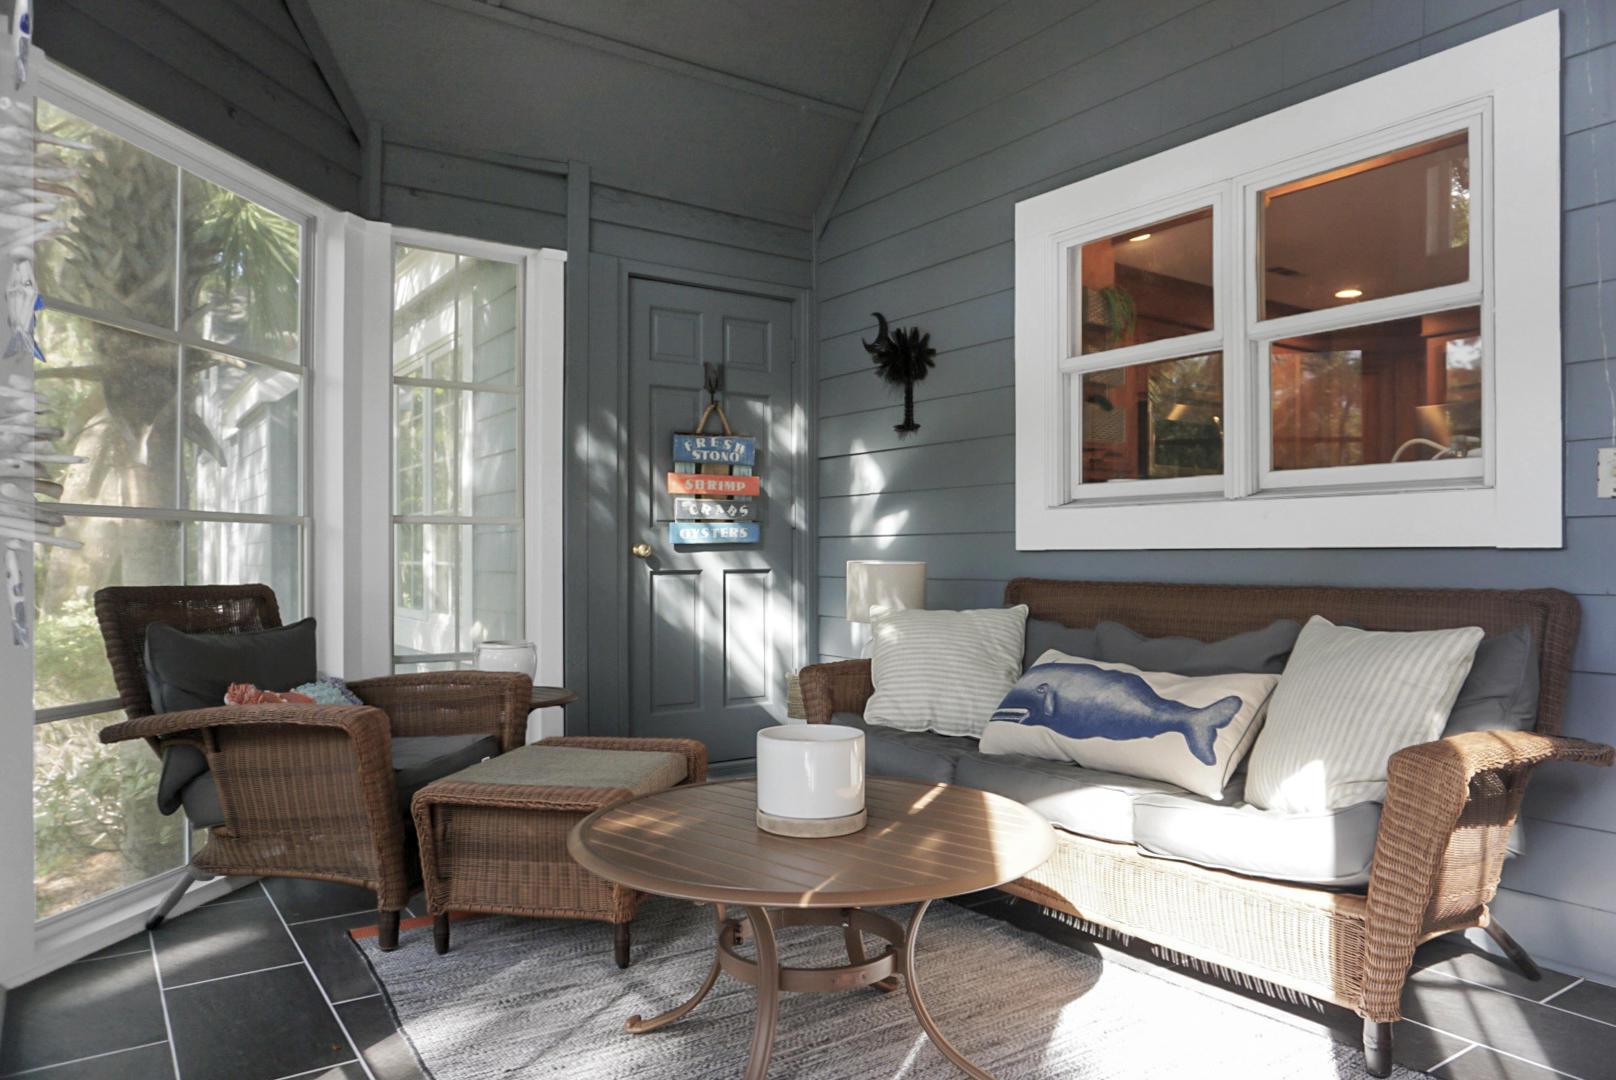 Churchill Landing Homes For Sale - 1753 Clark Hills, Johns Island, SC - 1